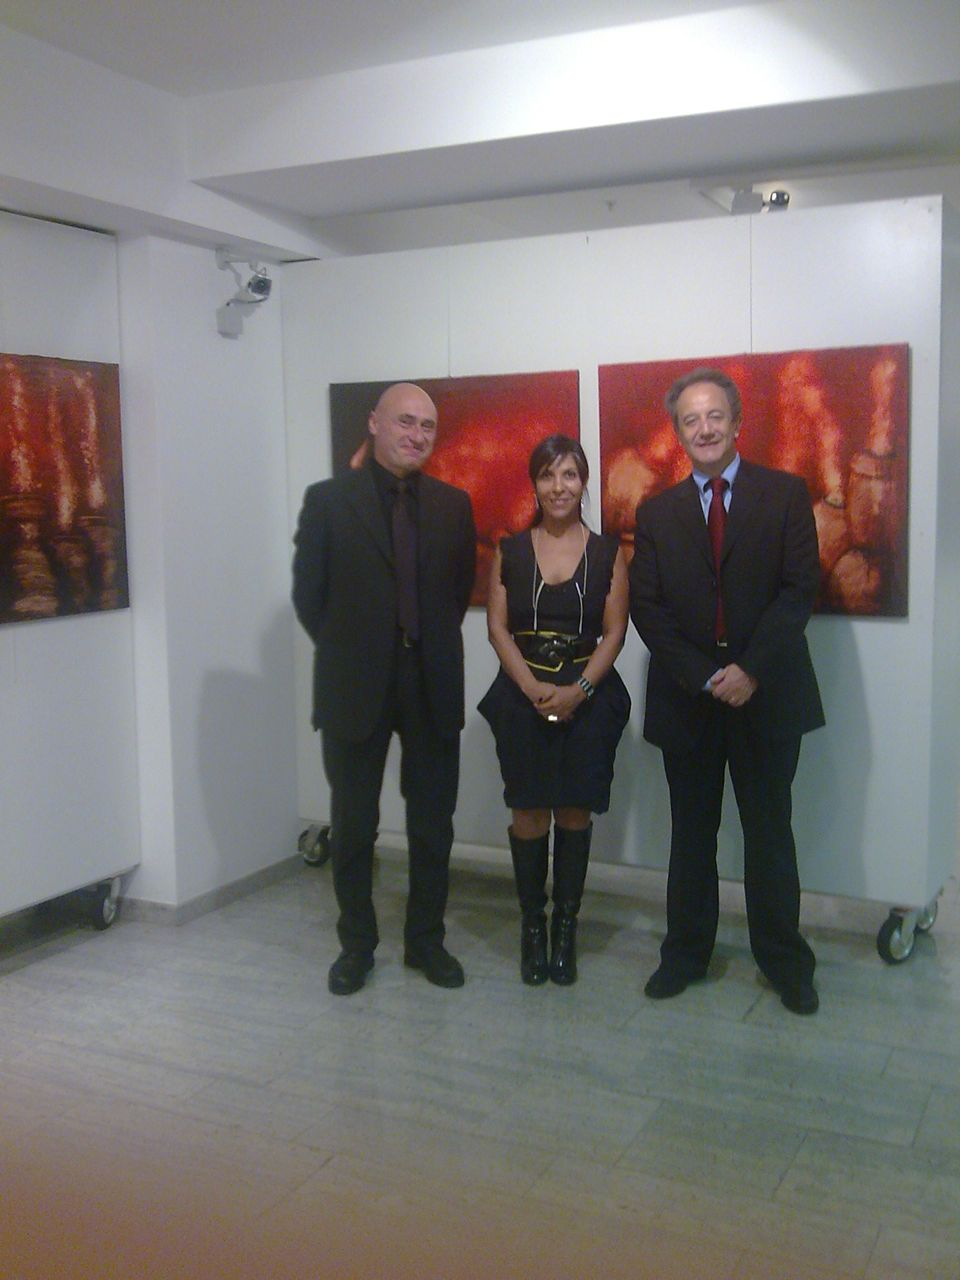 Ferdan Yusufi Sintesi ckm roma istanbul neoartgallery 11